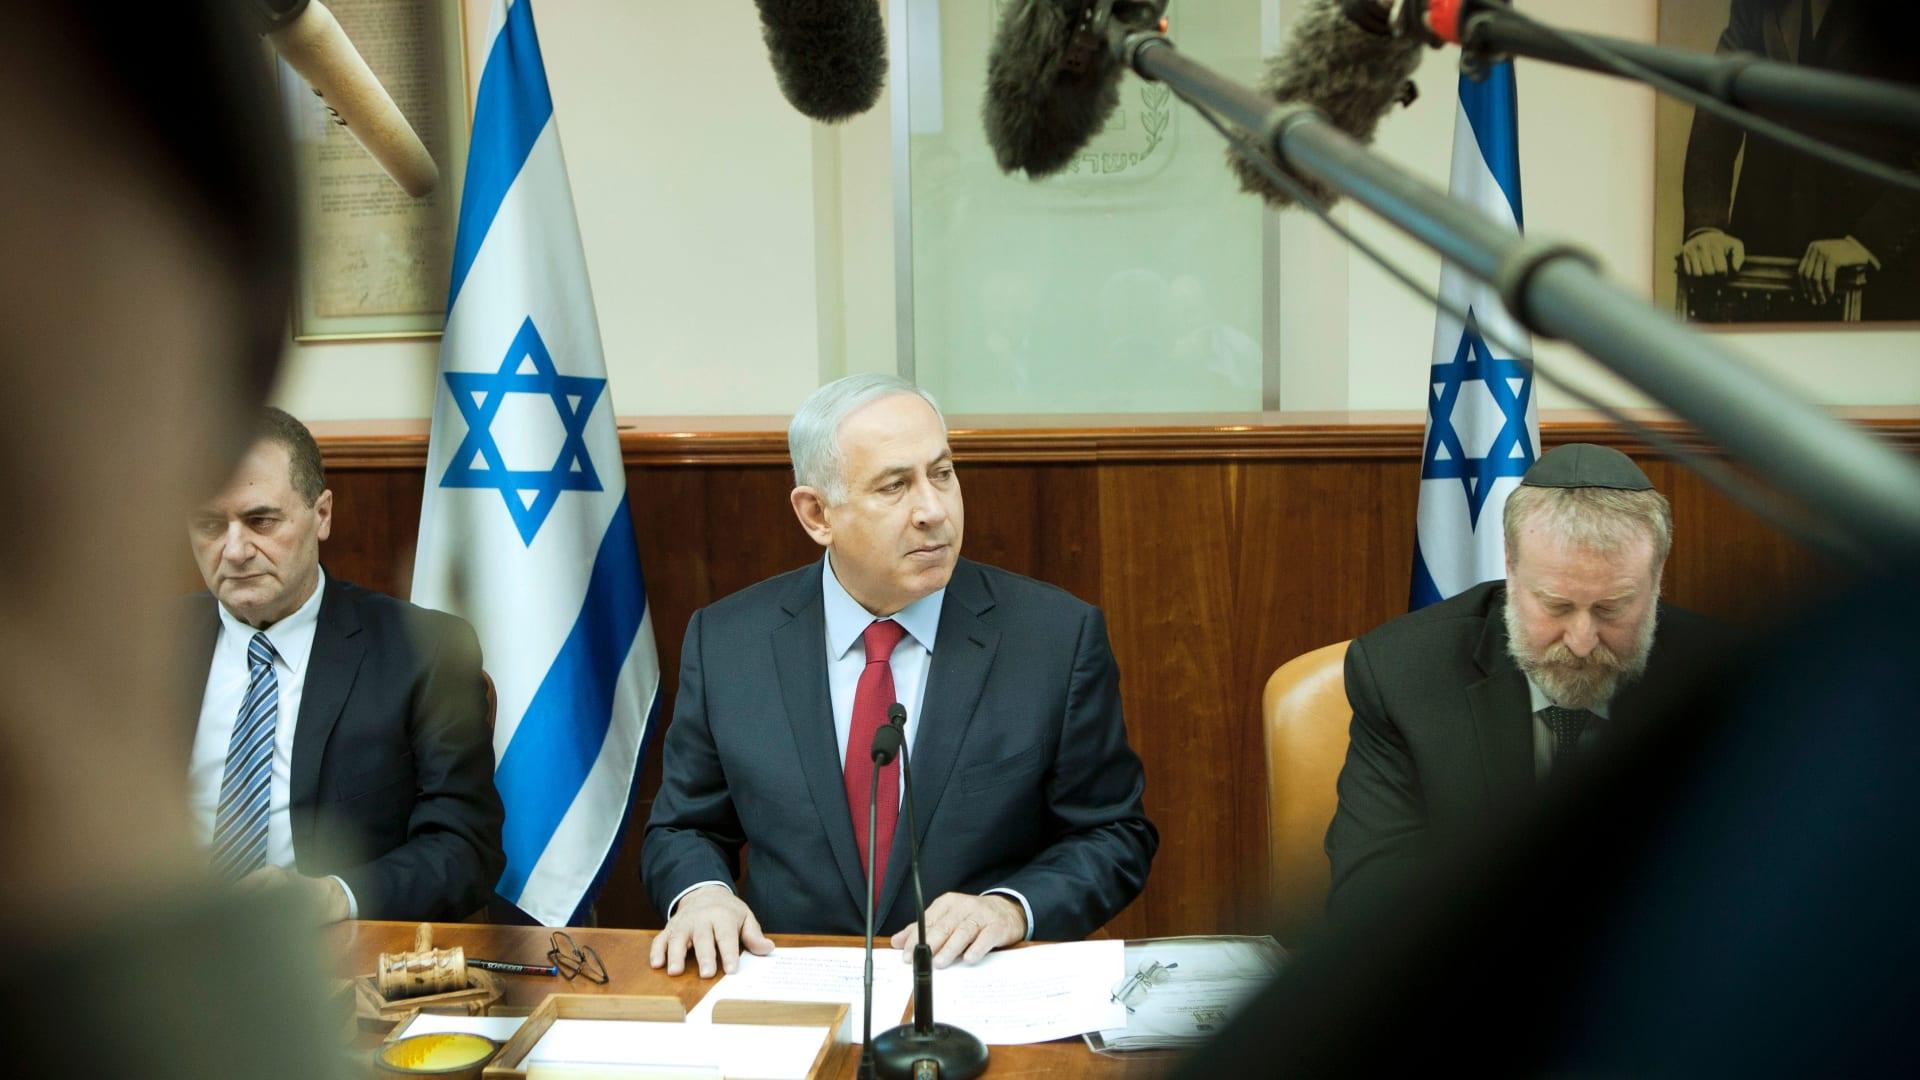 ما معنى الاتفاق بين الإمارات وإسرائيل وكيف يؤثر على الفلسطينيين؟